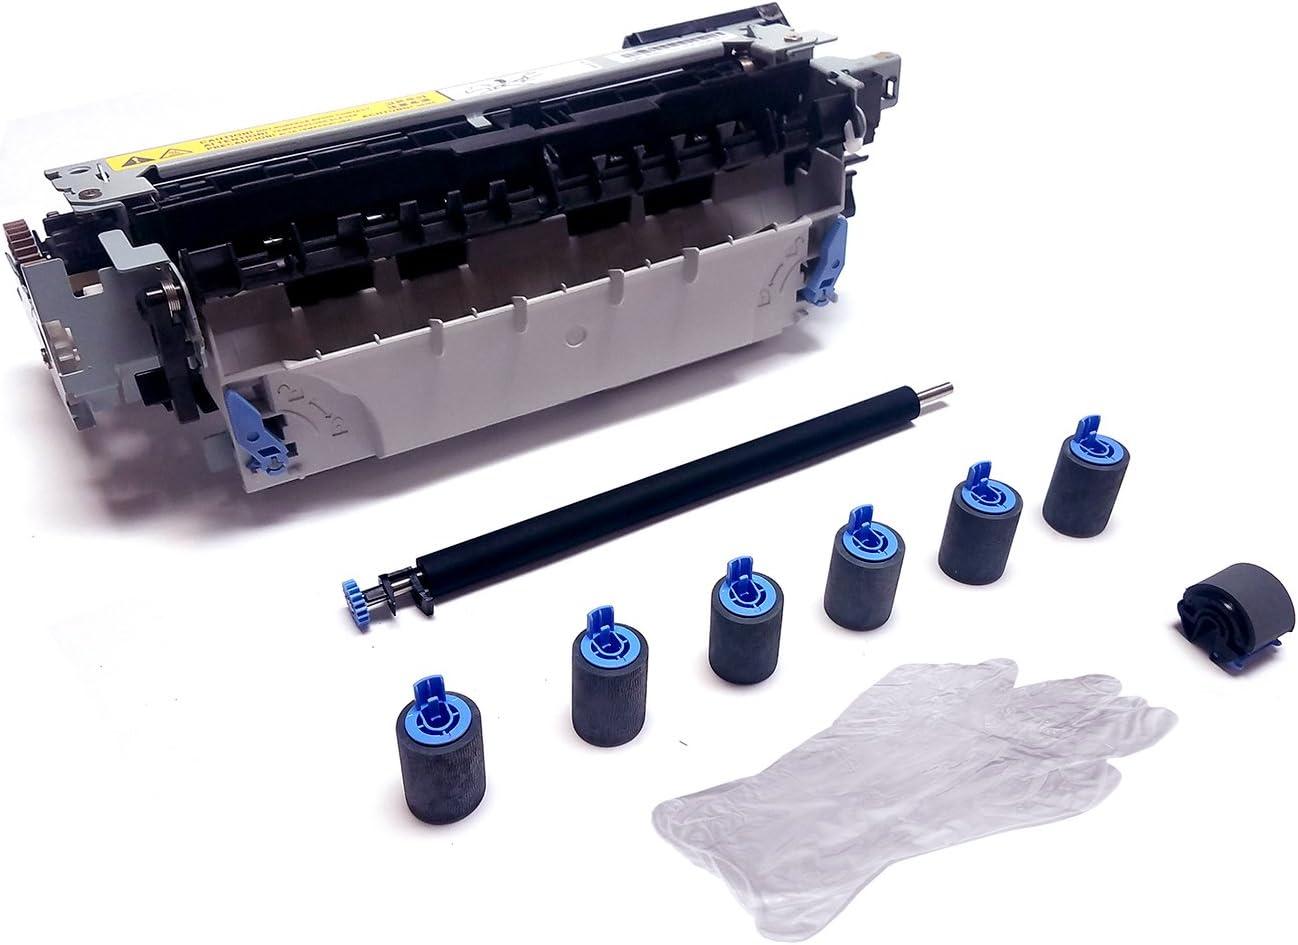 Altru Print C8057A-MK8-AP (C8057-69001 C8057-67901) Maintenance Kit for HP Laserjet 4100 (110V) Includes RG5-5063 Fuser & Tray 1-4 Roller Kit